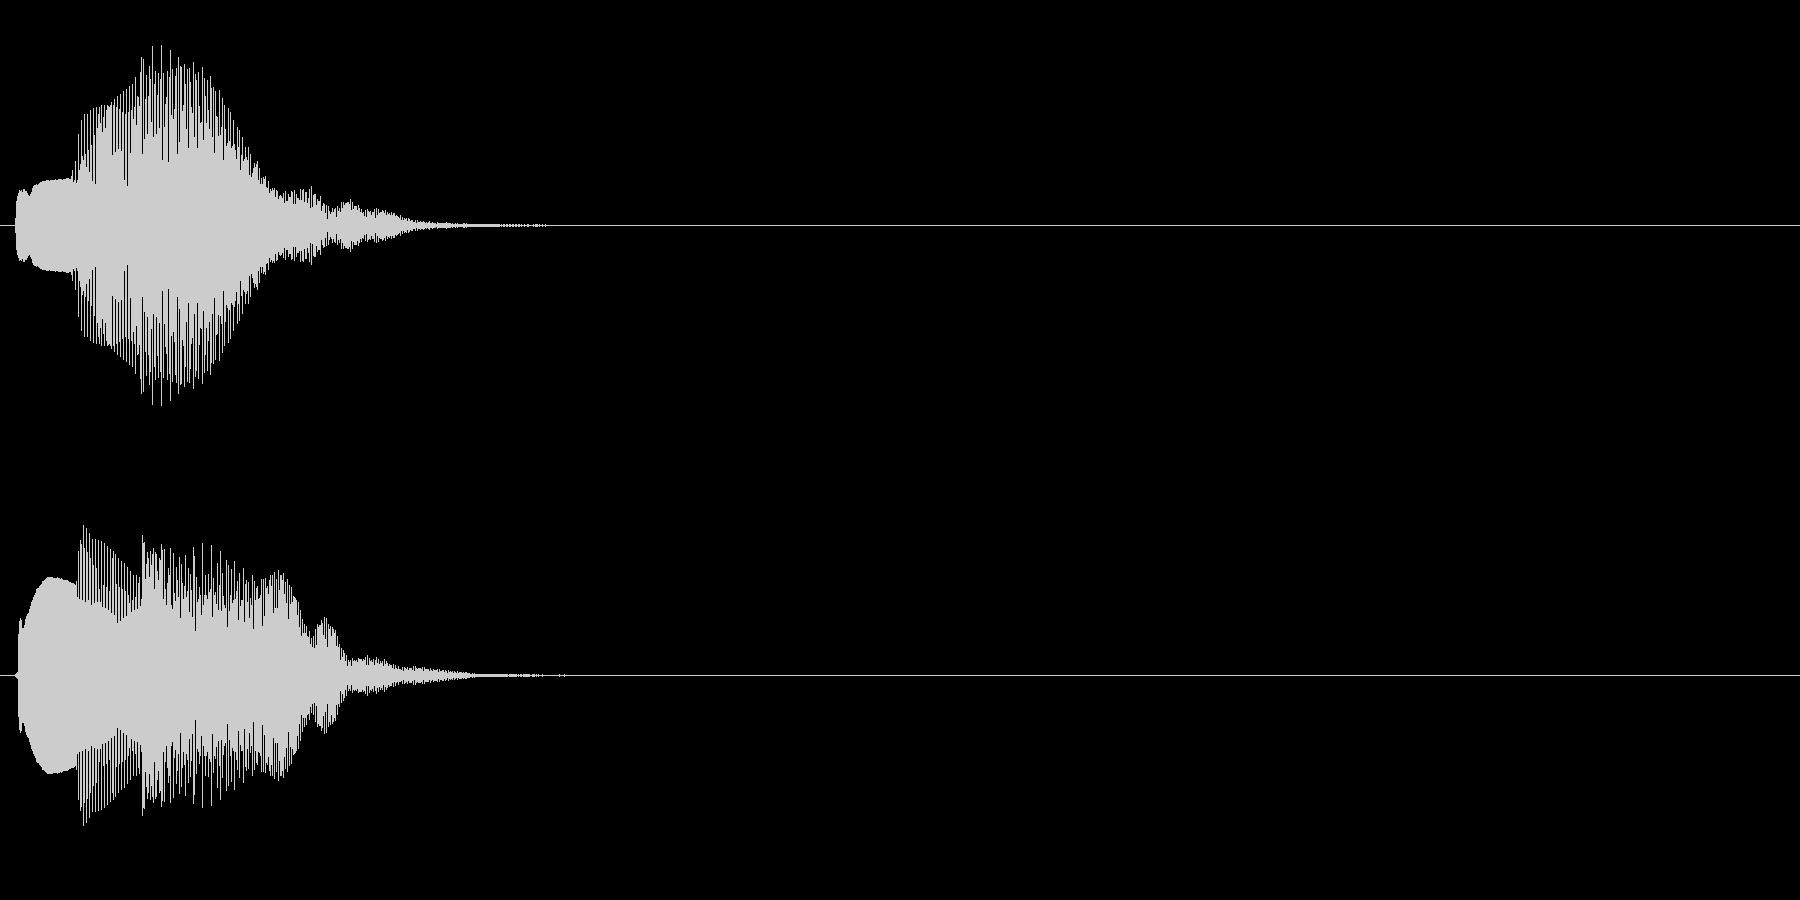 汎用 エレピ系06(中) 別窓表示の未再生の波形